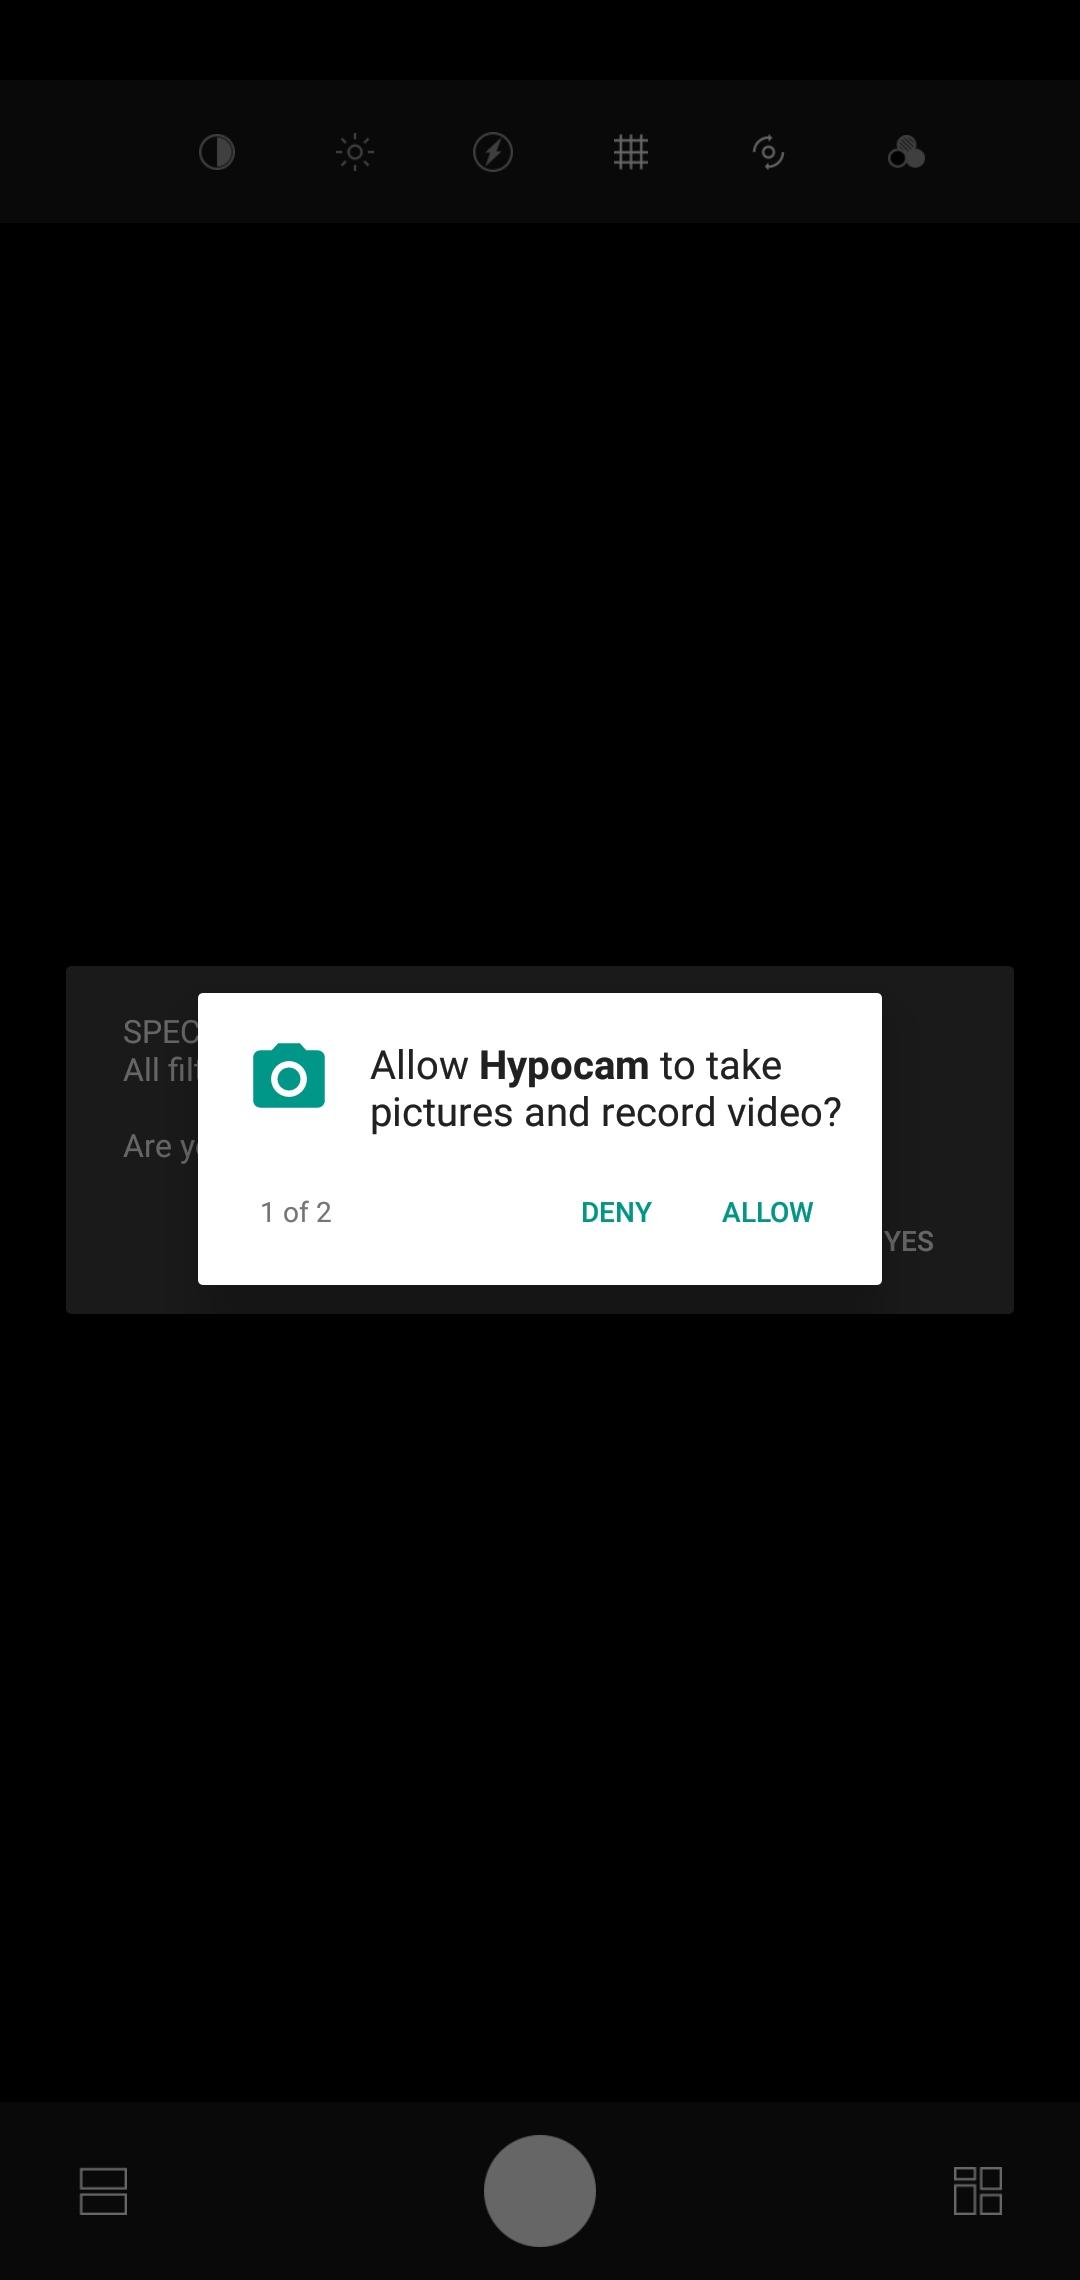 Hypocam